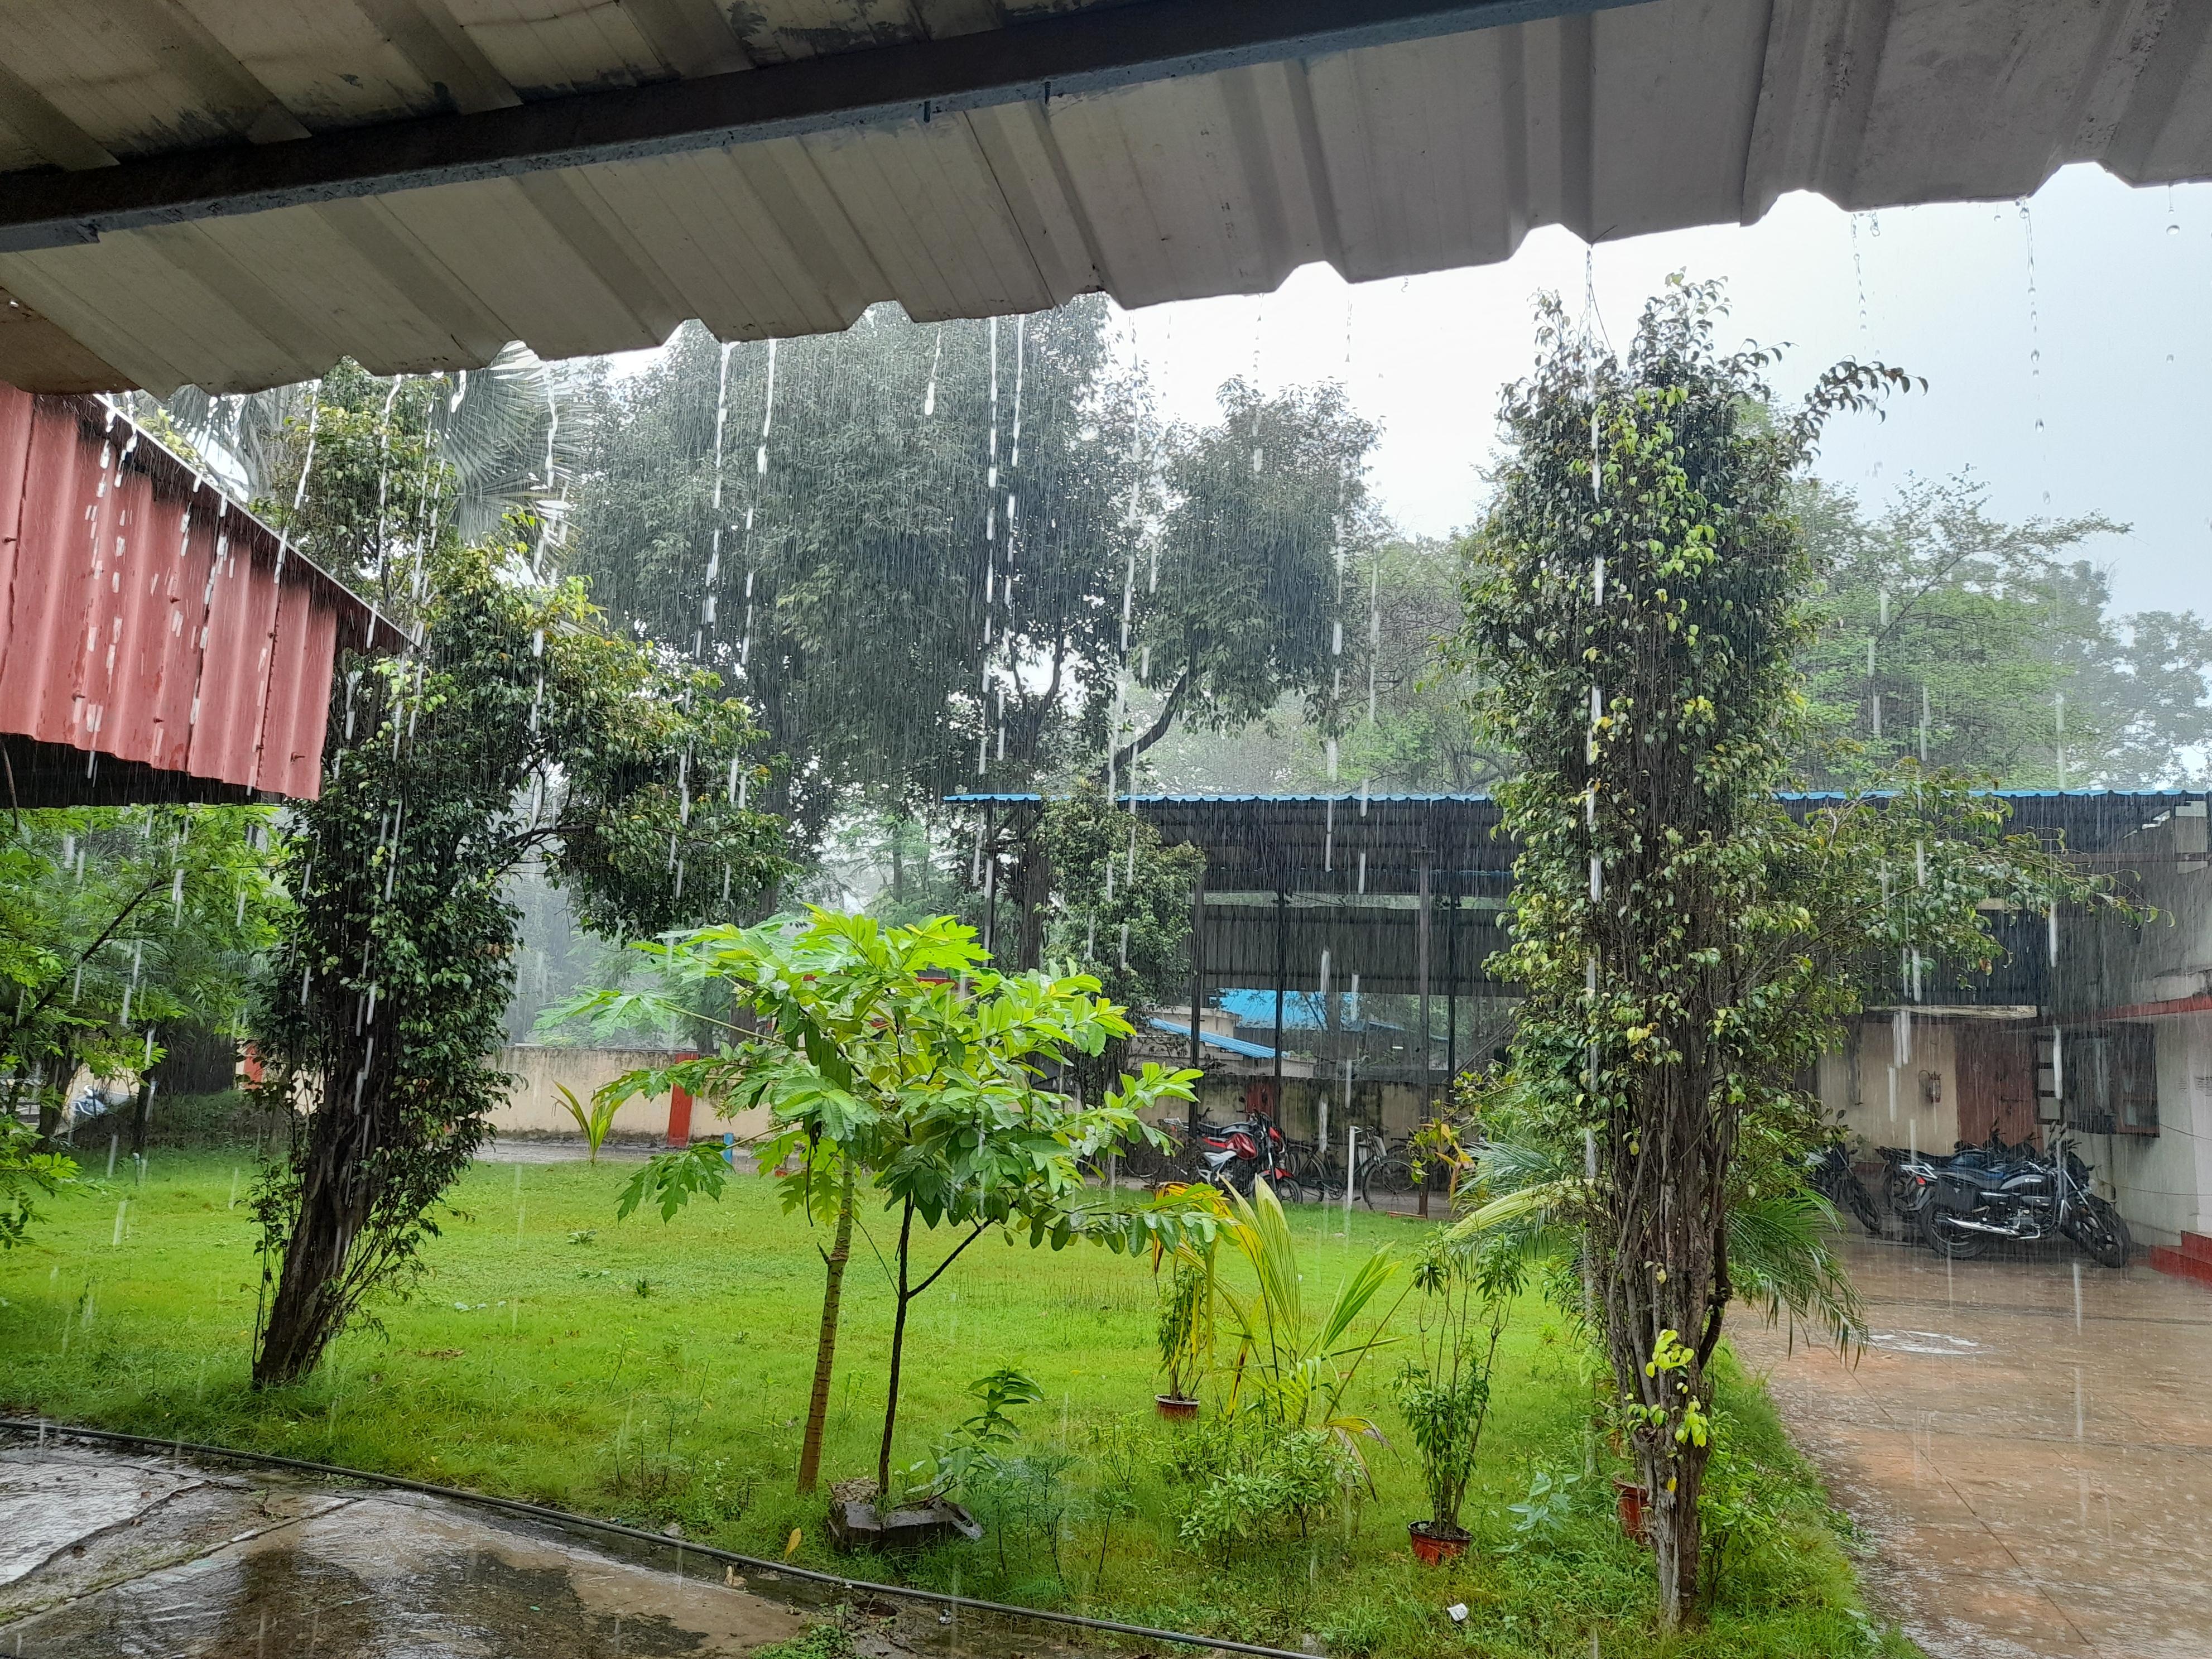 Happy Sawan 2021:  बिलासपुर में सावन की मंगलमय झड़ी, इंटरनेट मीडिया पर शेयर की जा रही तस्वीरें